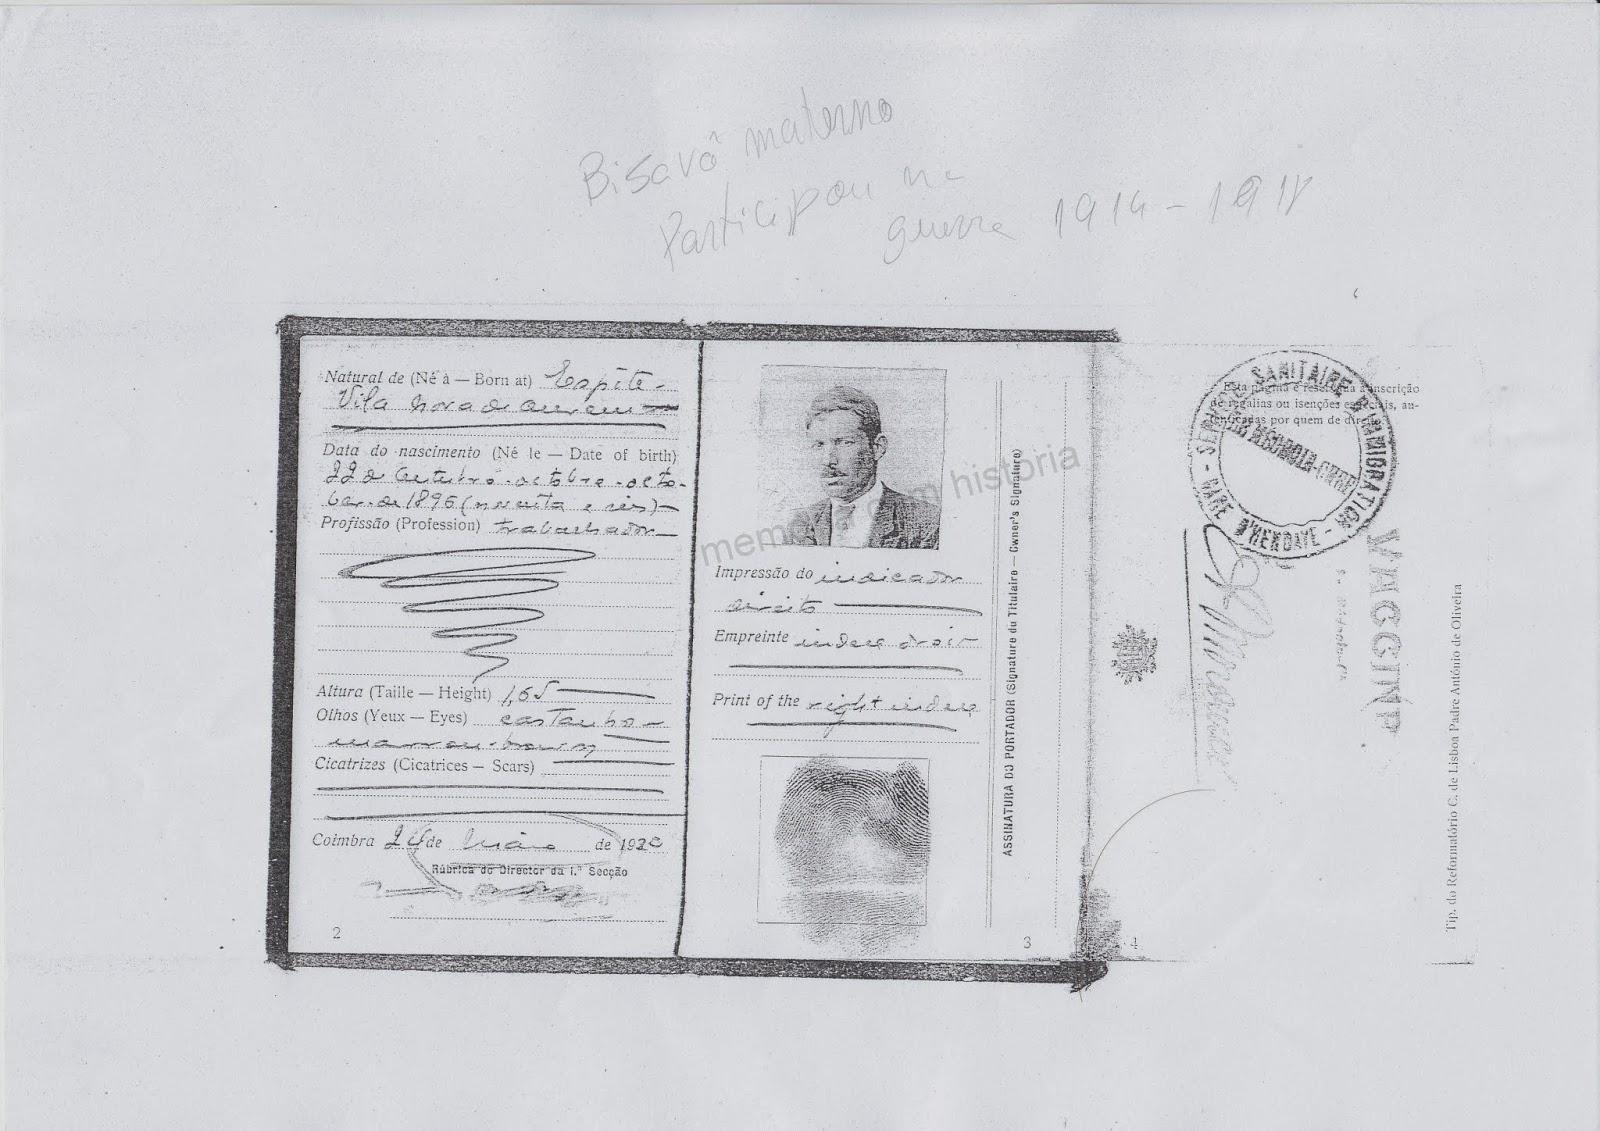 Memria com histria janeiro 2014 diploma de honra corpo expedicionrio portugus fandeluxe Choice Image